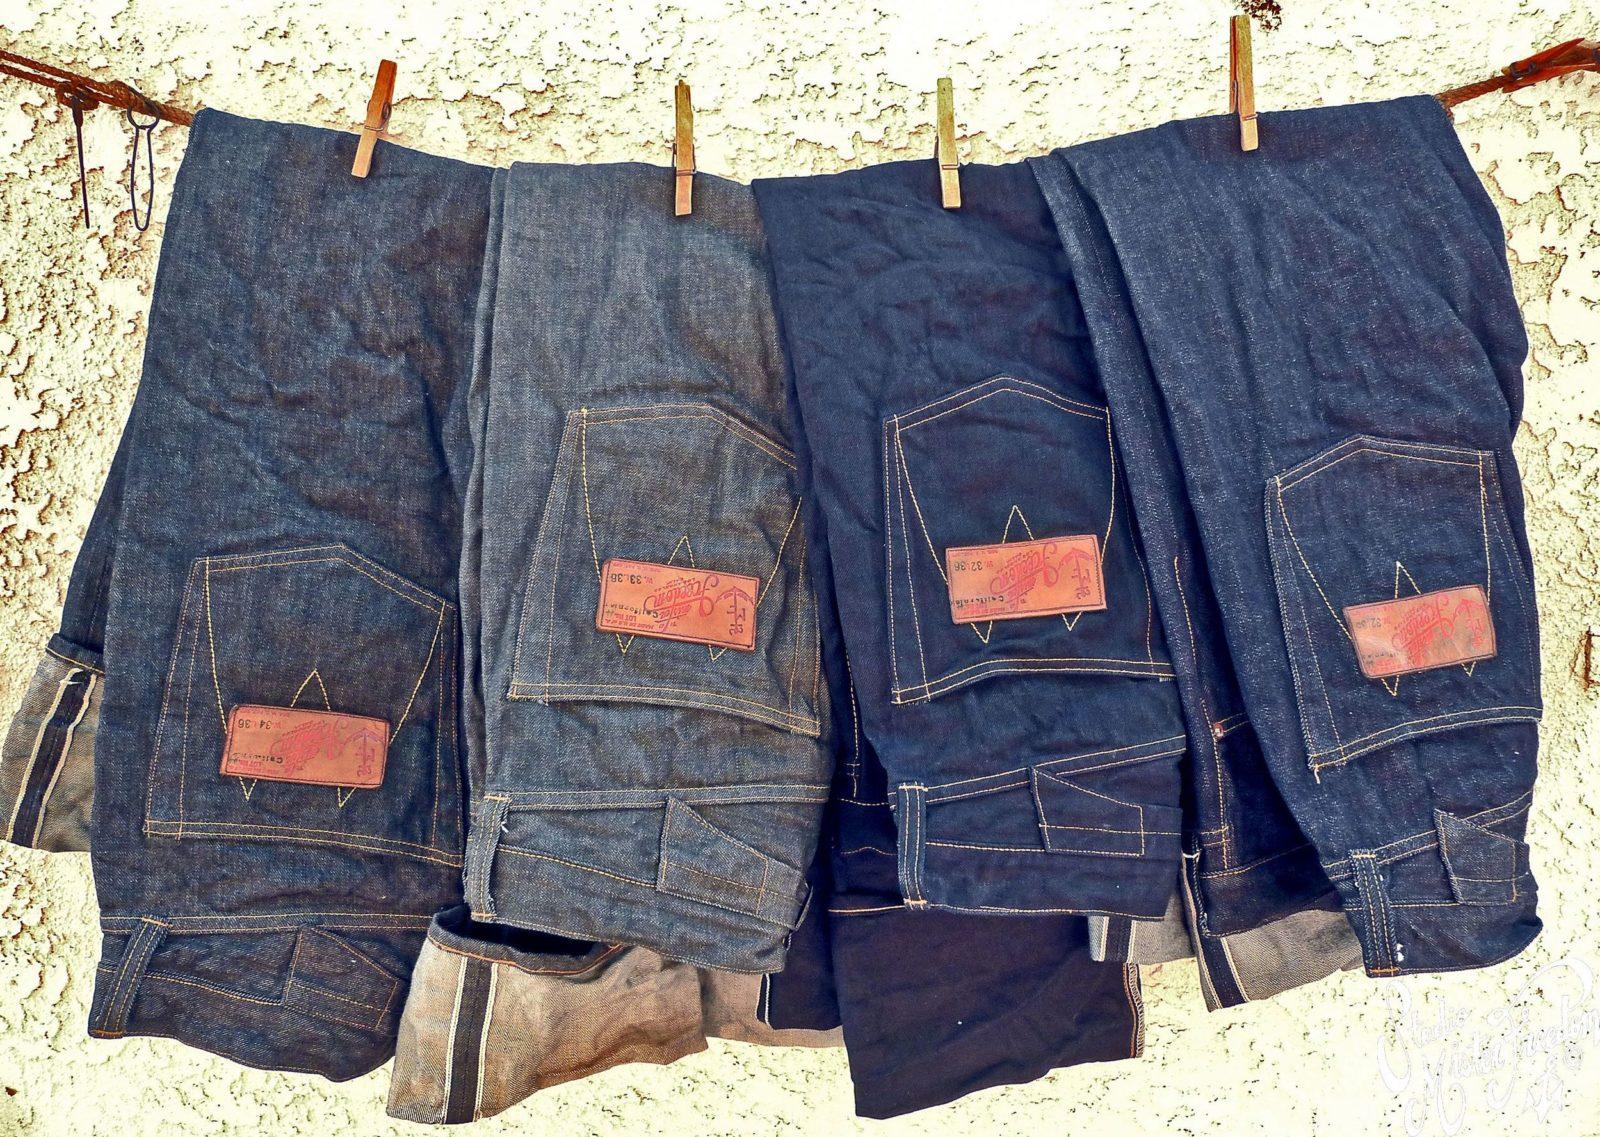 История синих джинсов - кто изобрел джинсы? 1